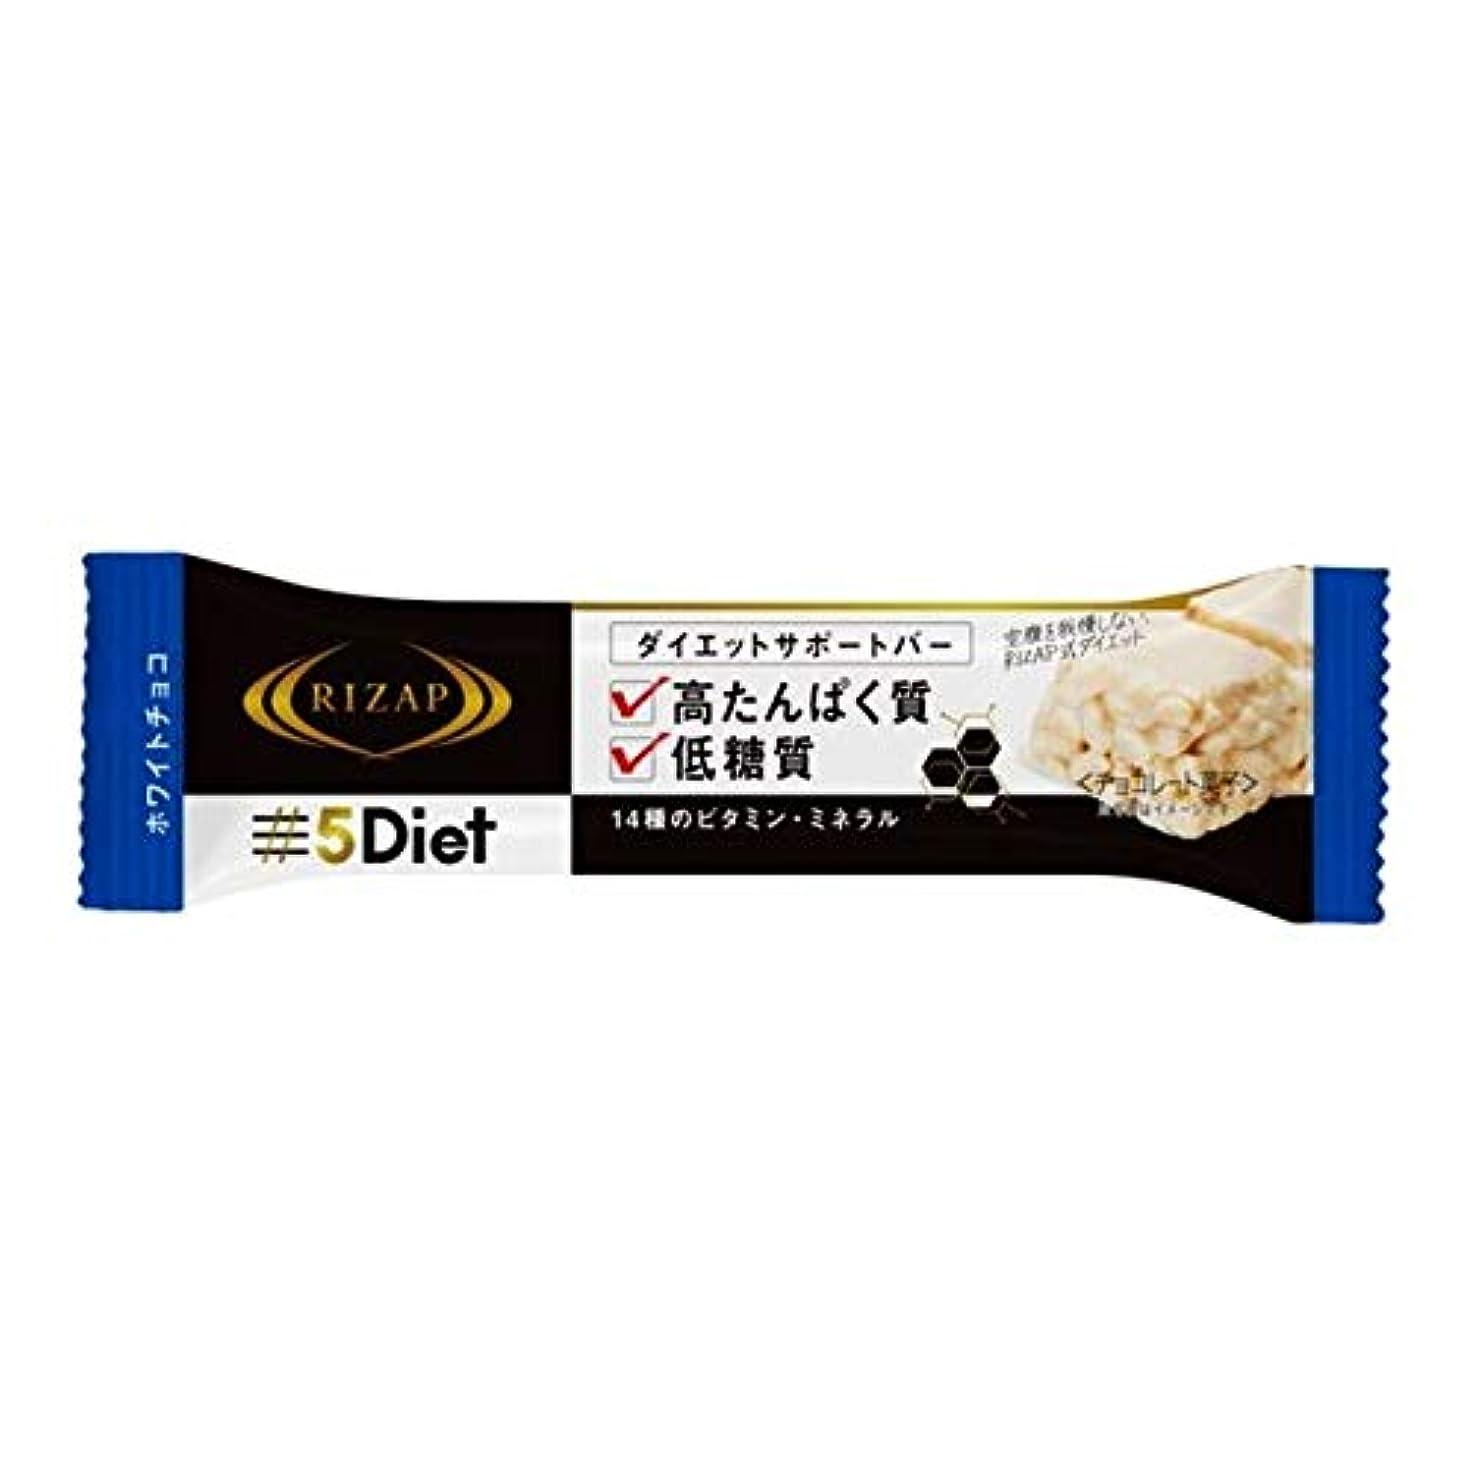 写真撮影悪い重力◆RIZAP(ライザップ) ダイエットサポートバー ホワイトチョコ 30g【6個セット】